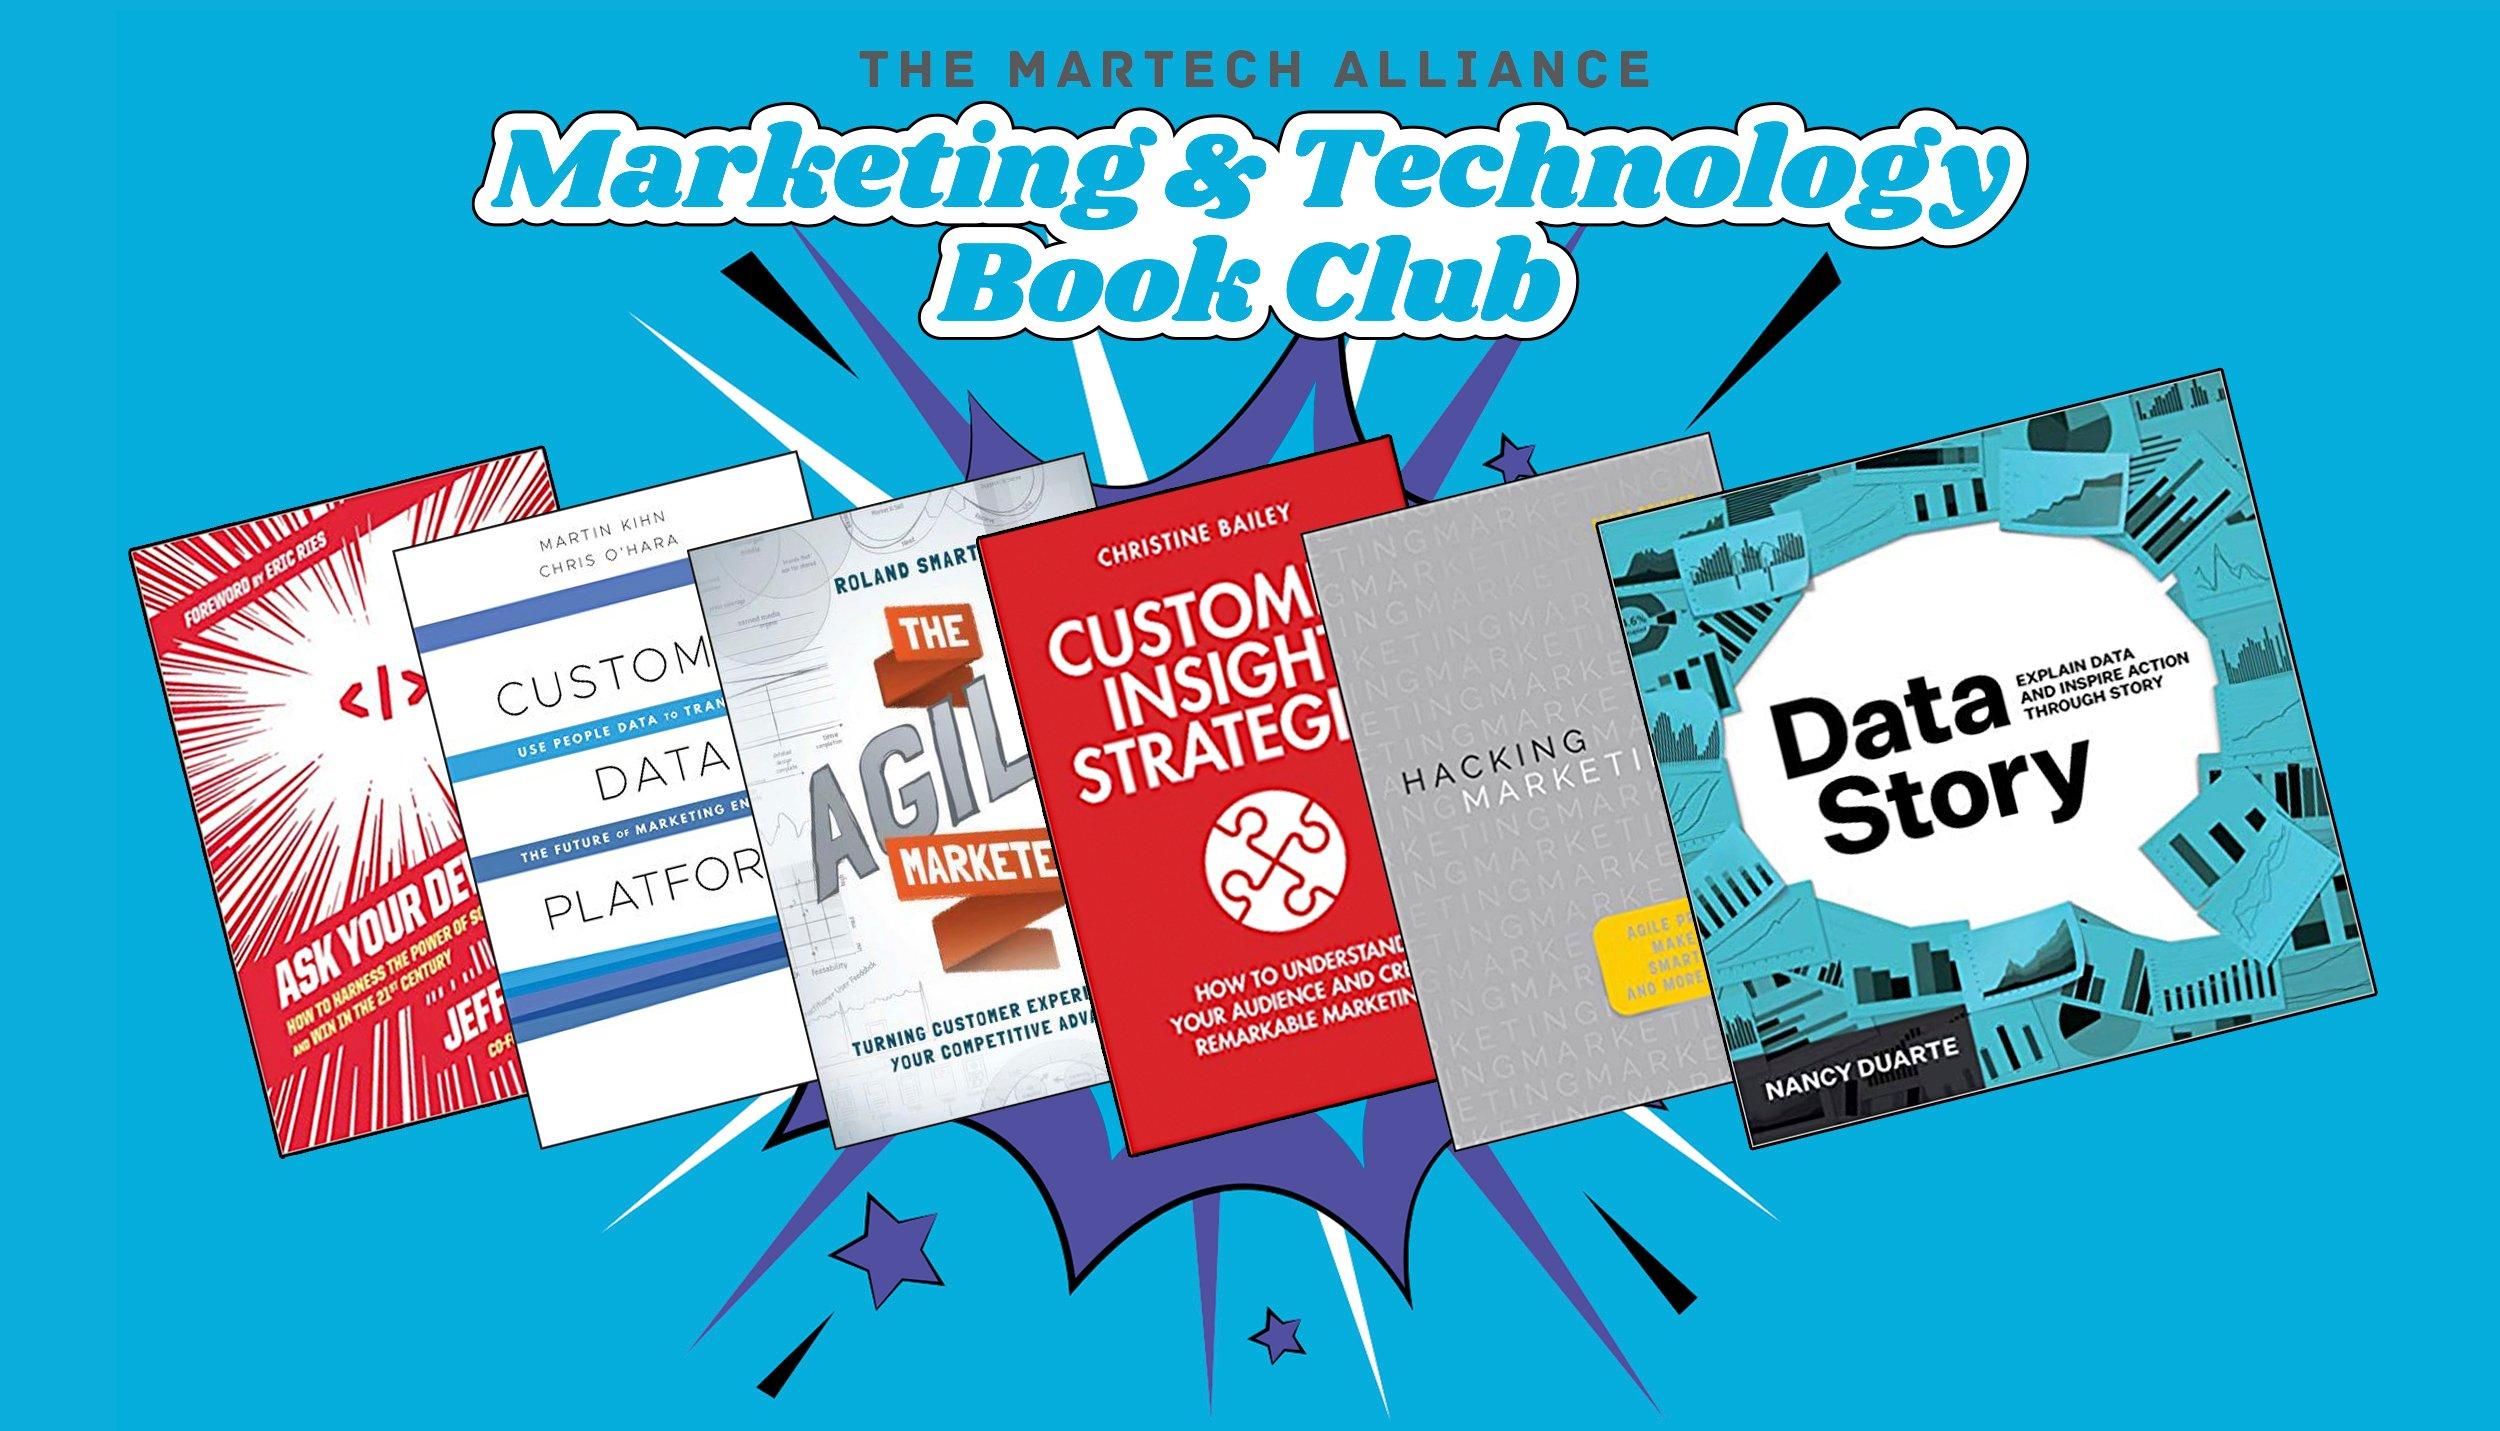 Top martech books